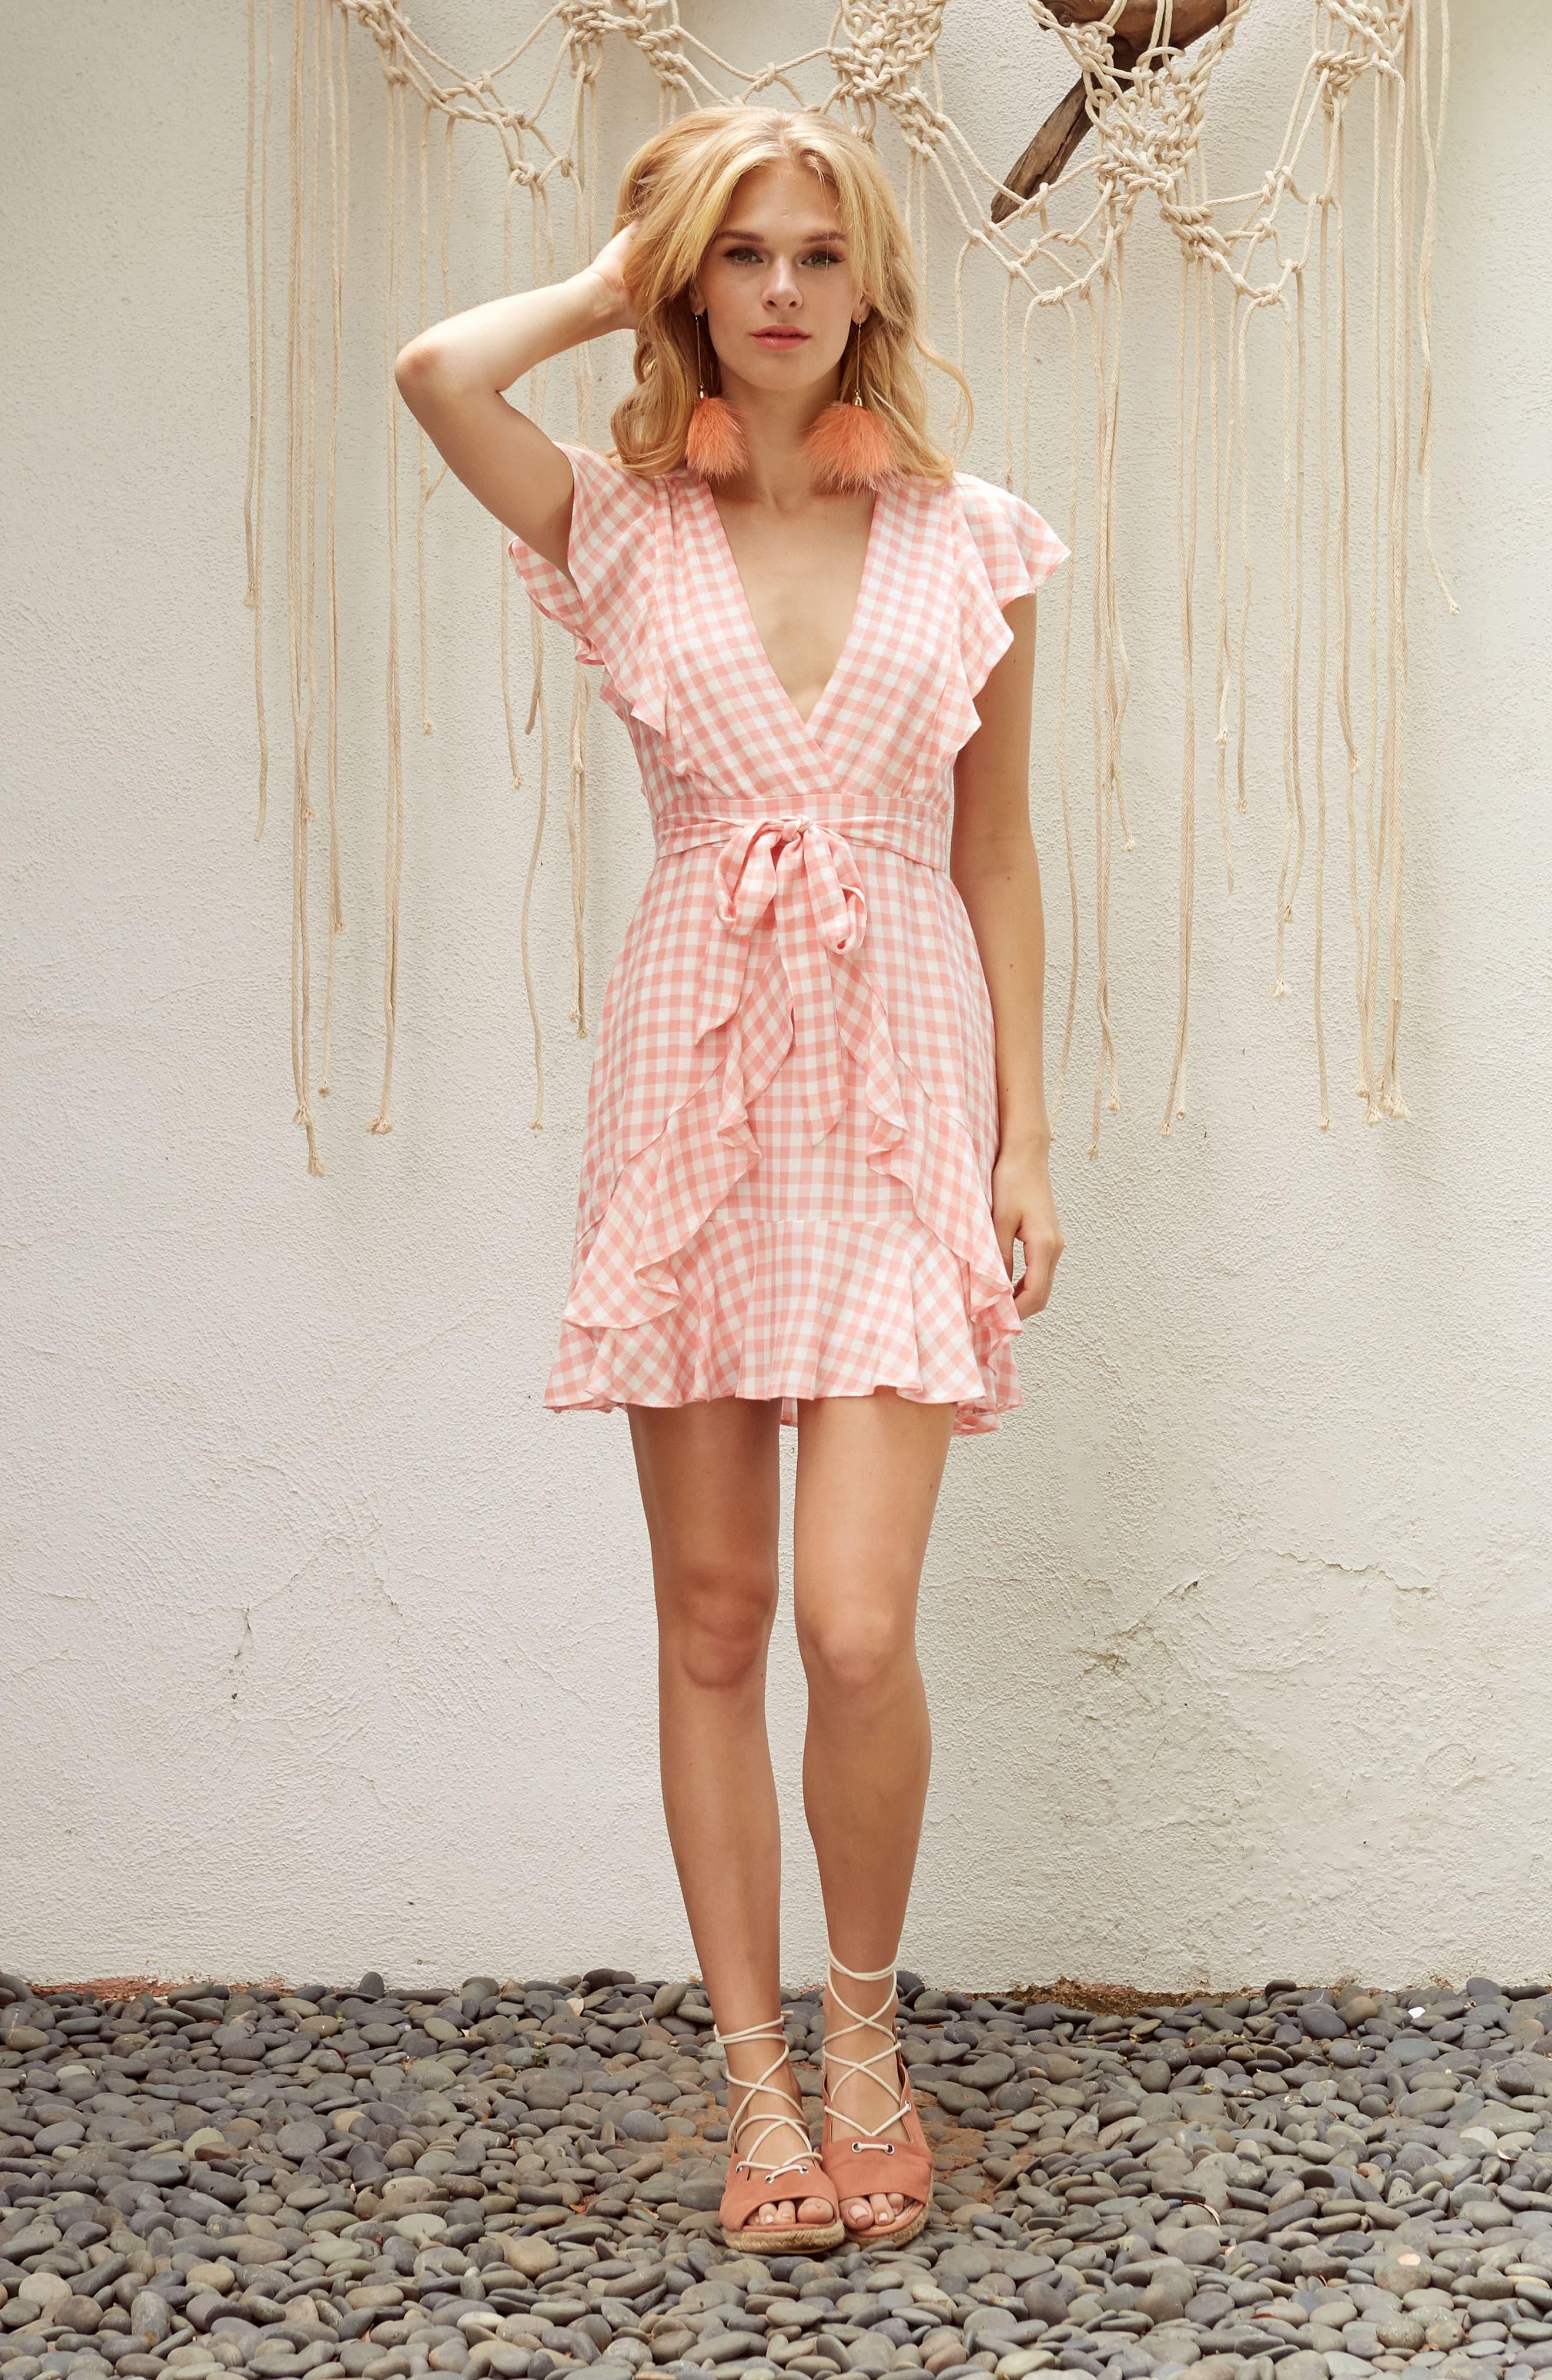 Brunch Ruffle Gingham Dress,                             Alternate thumbnail 9, color,                             693